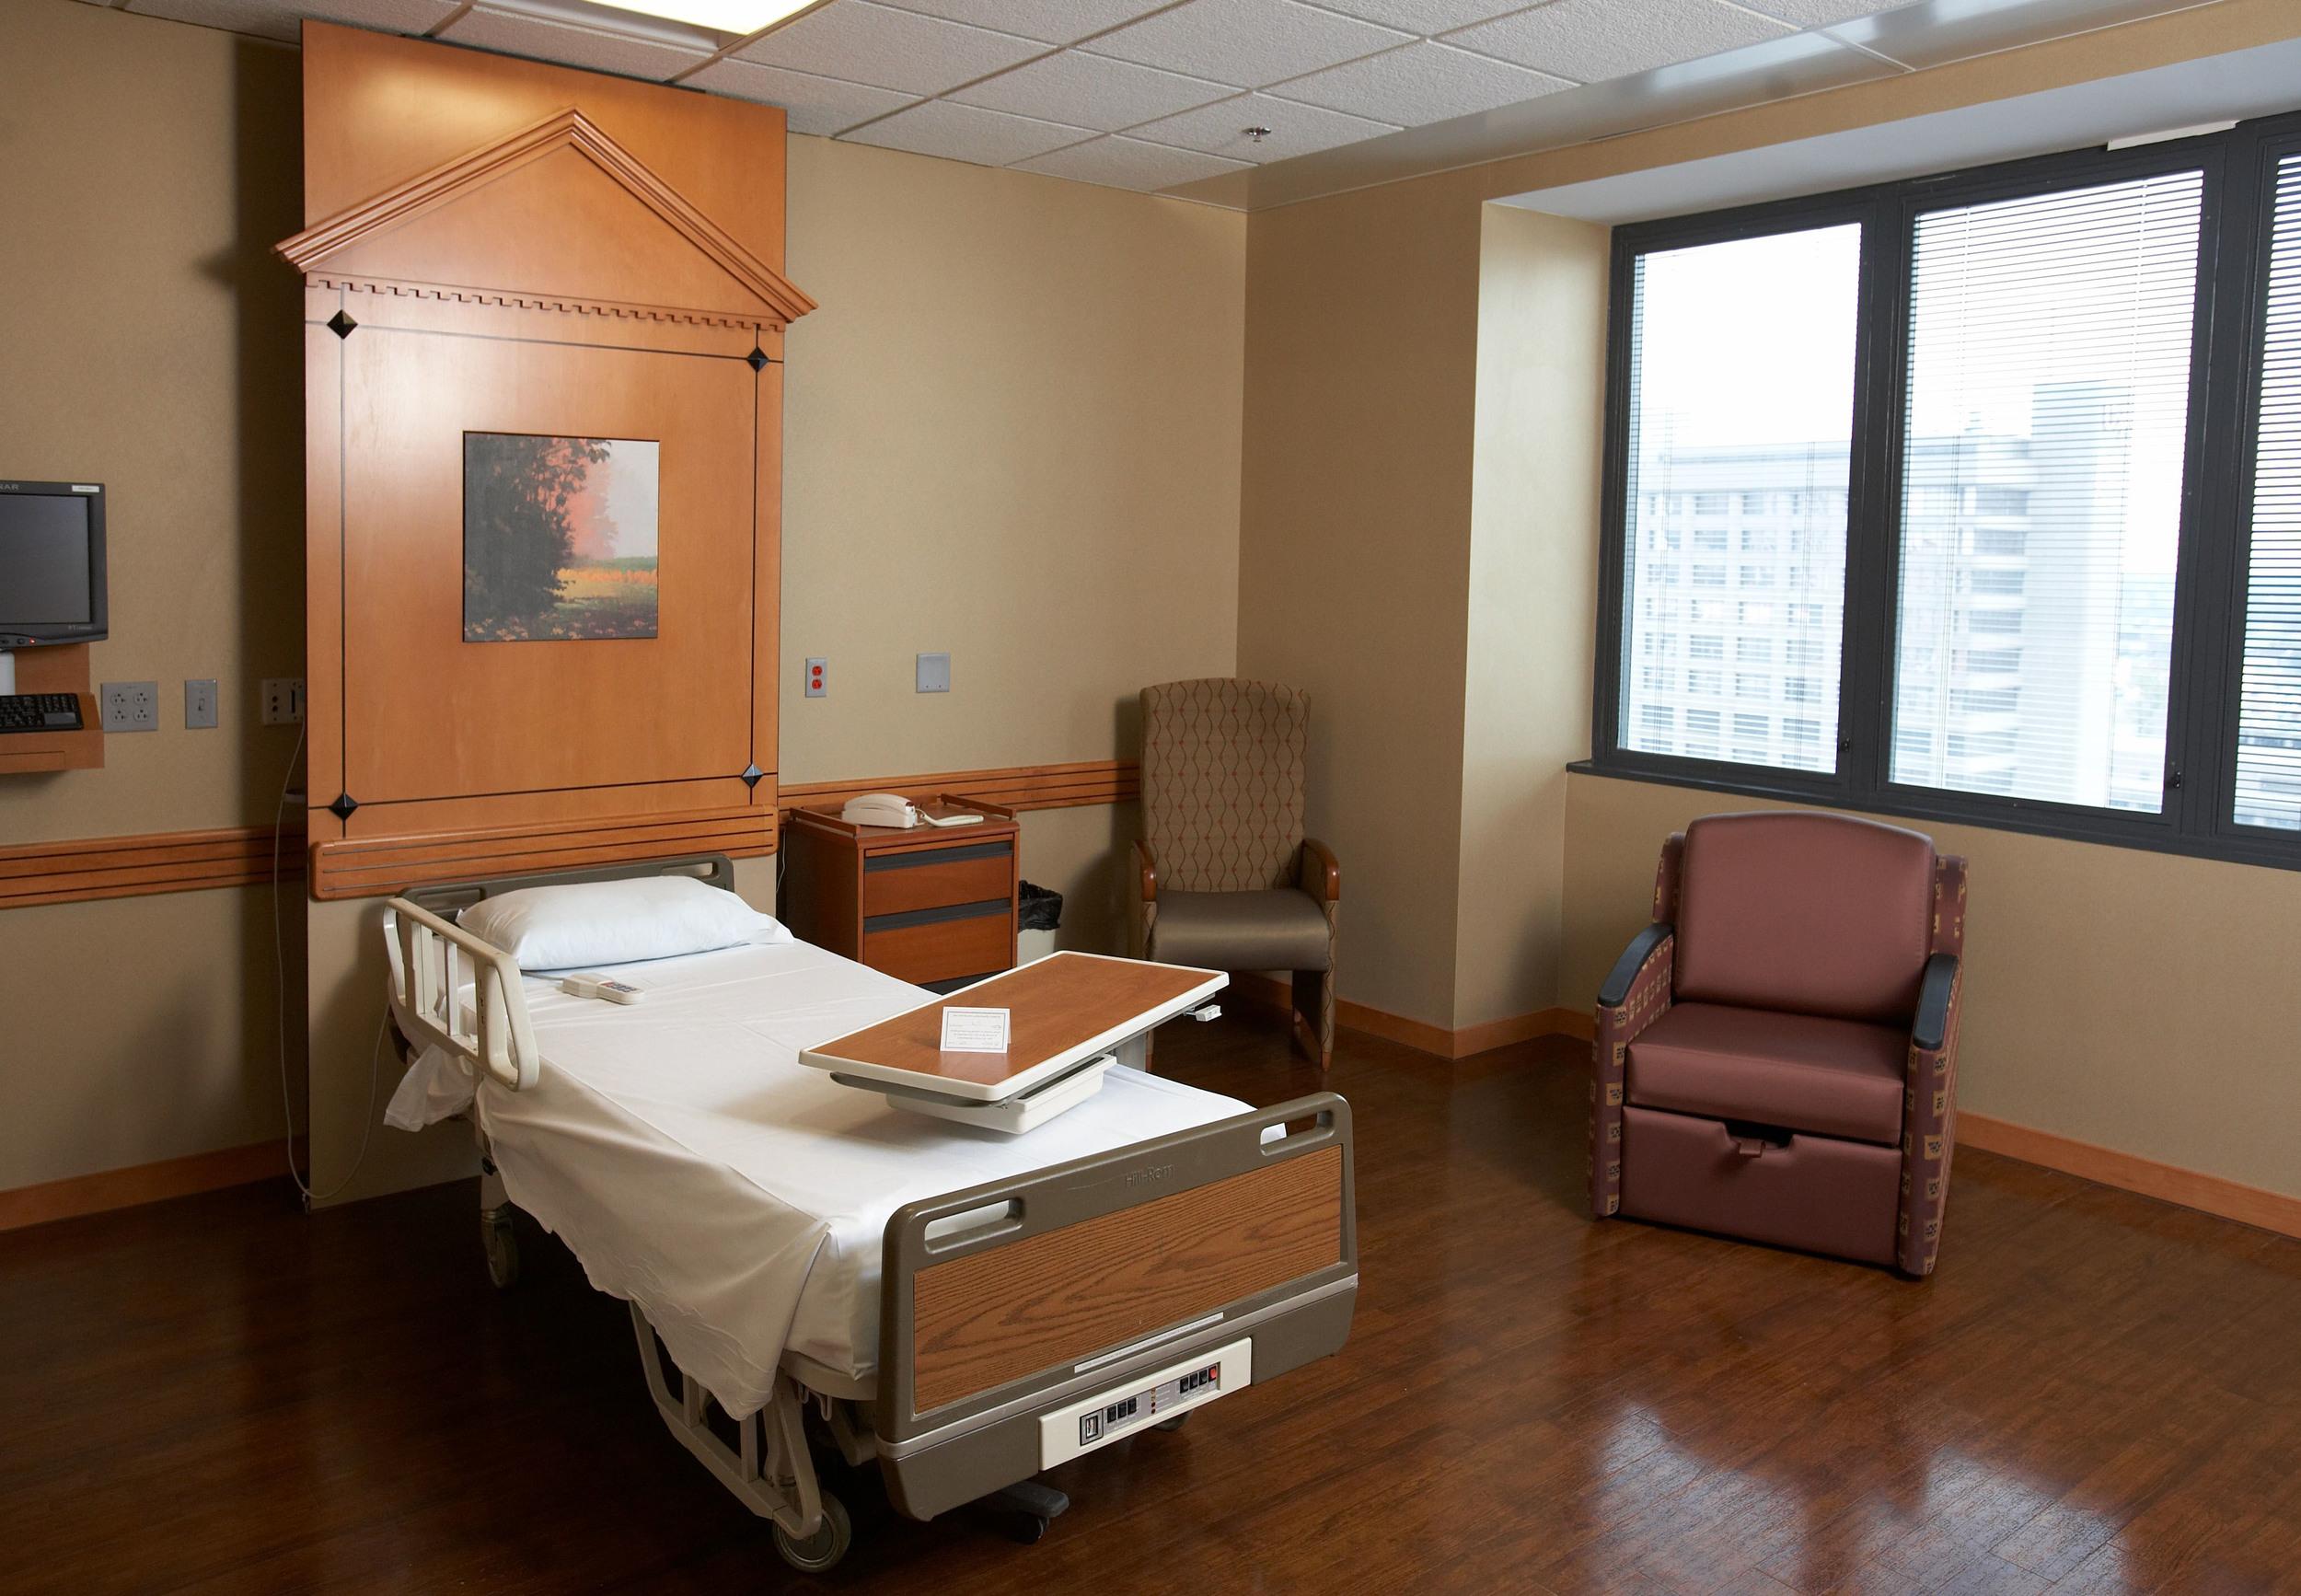 trager room 1.jpg